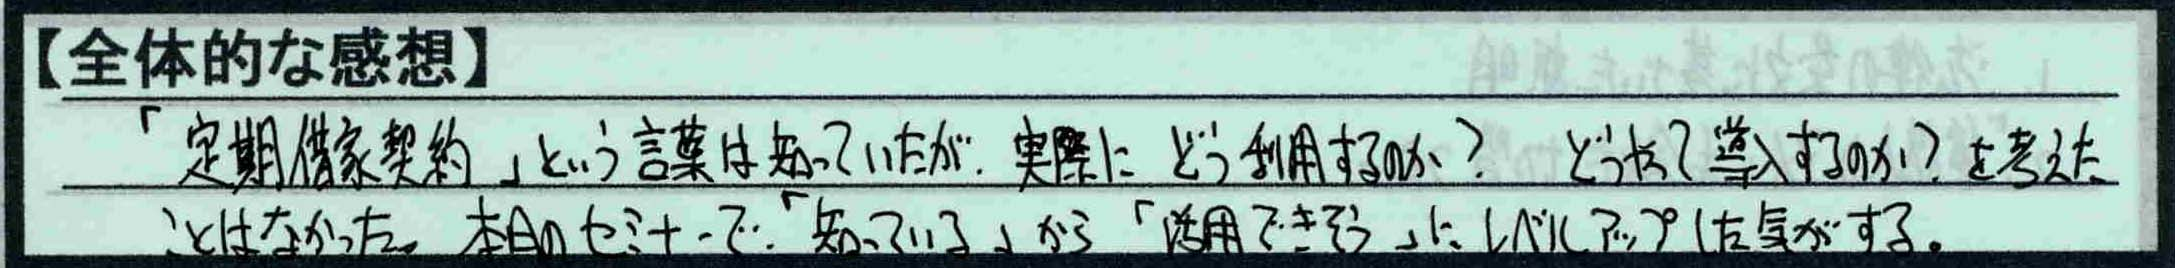 【岐阜県大垣市】【渡部一詩さん】【全体感想】